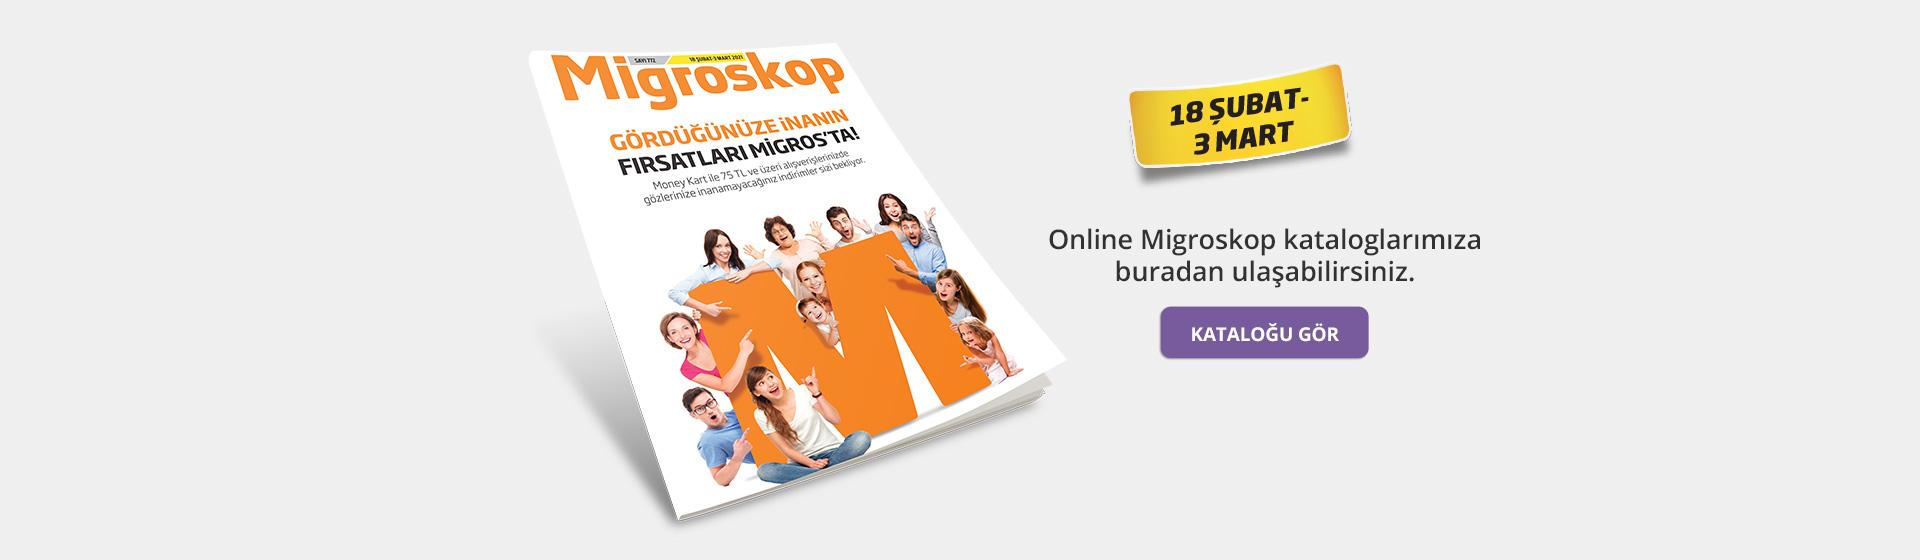 Migroskop Dijital Katalog